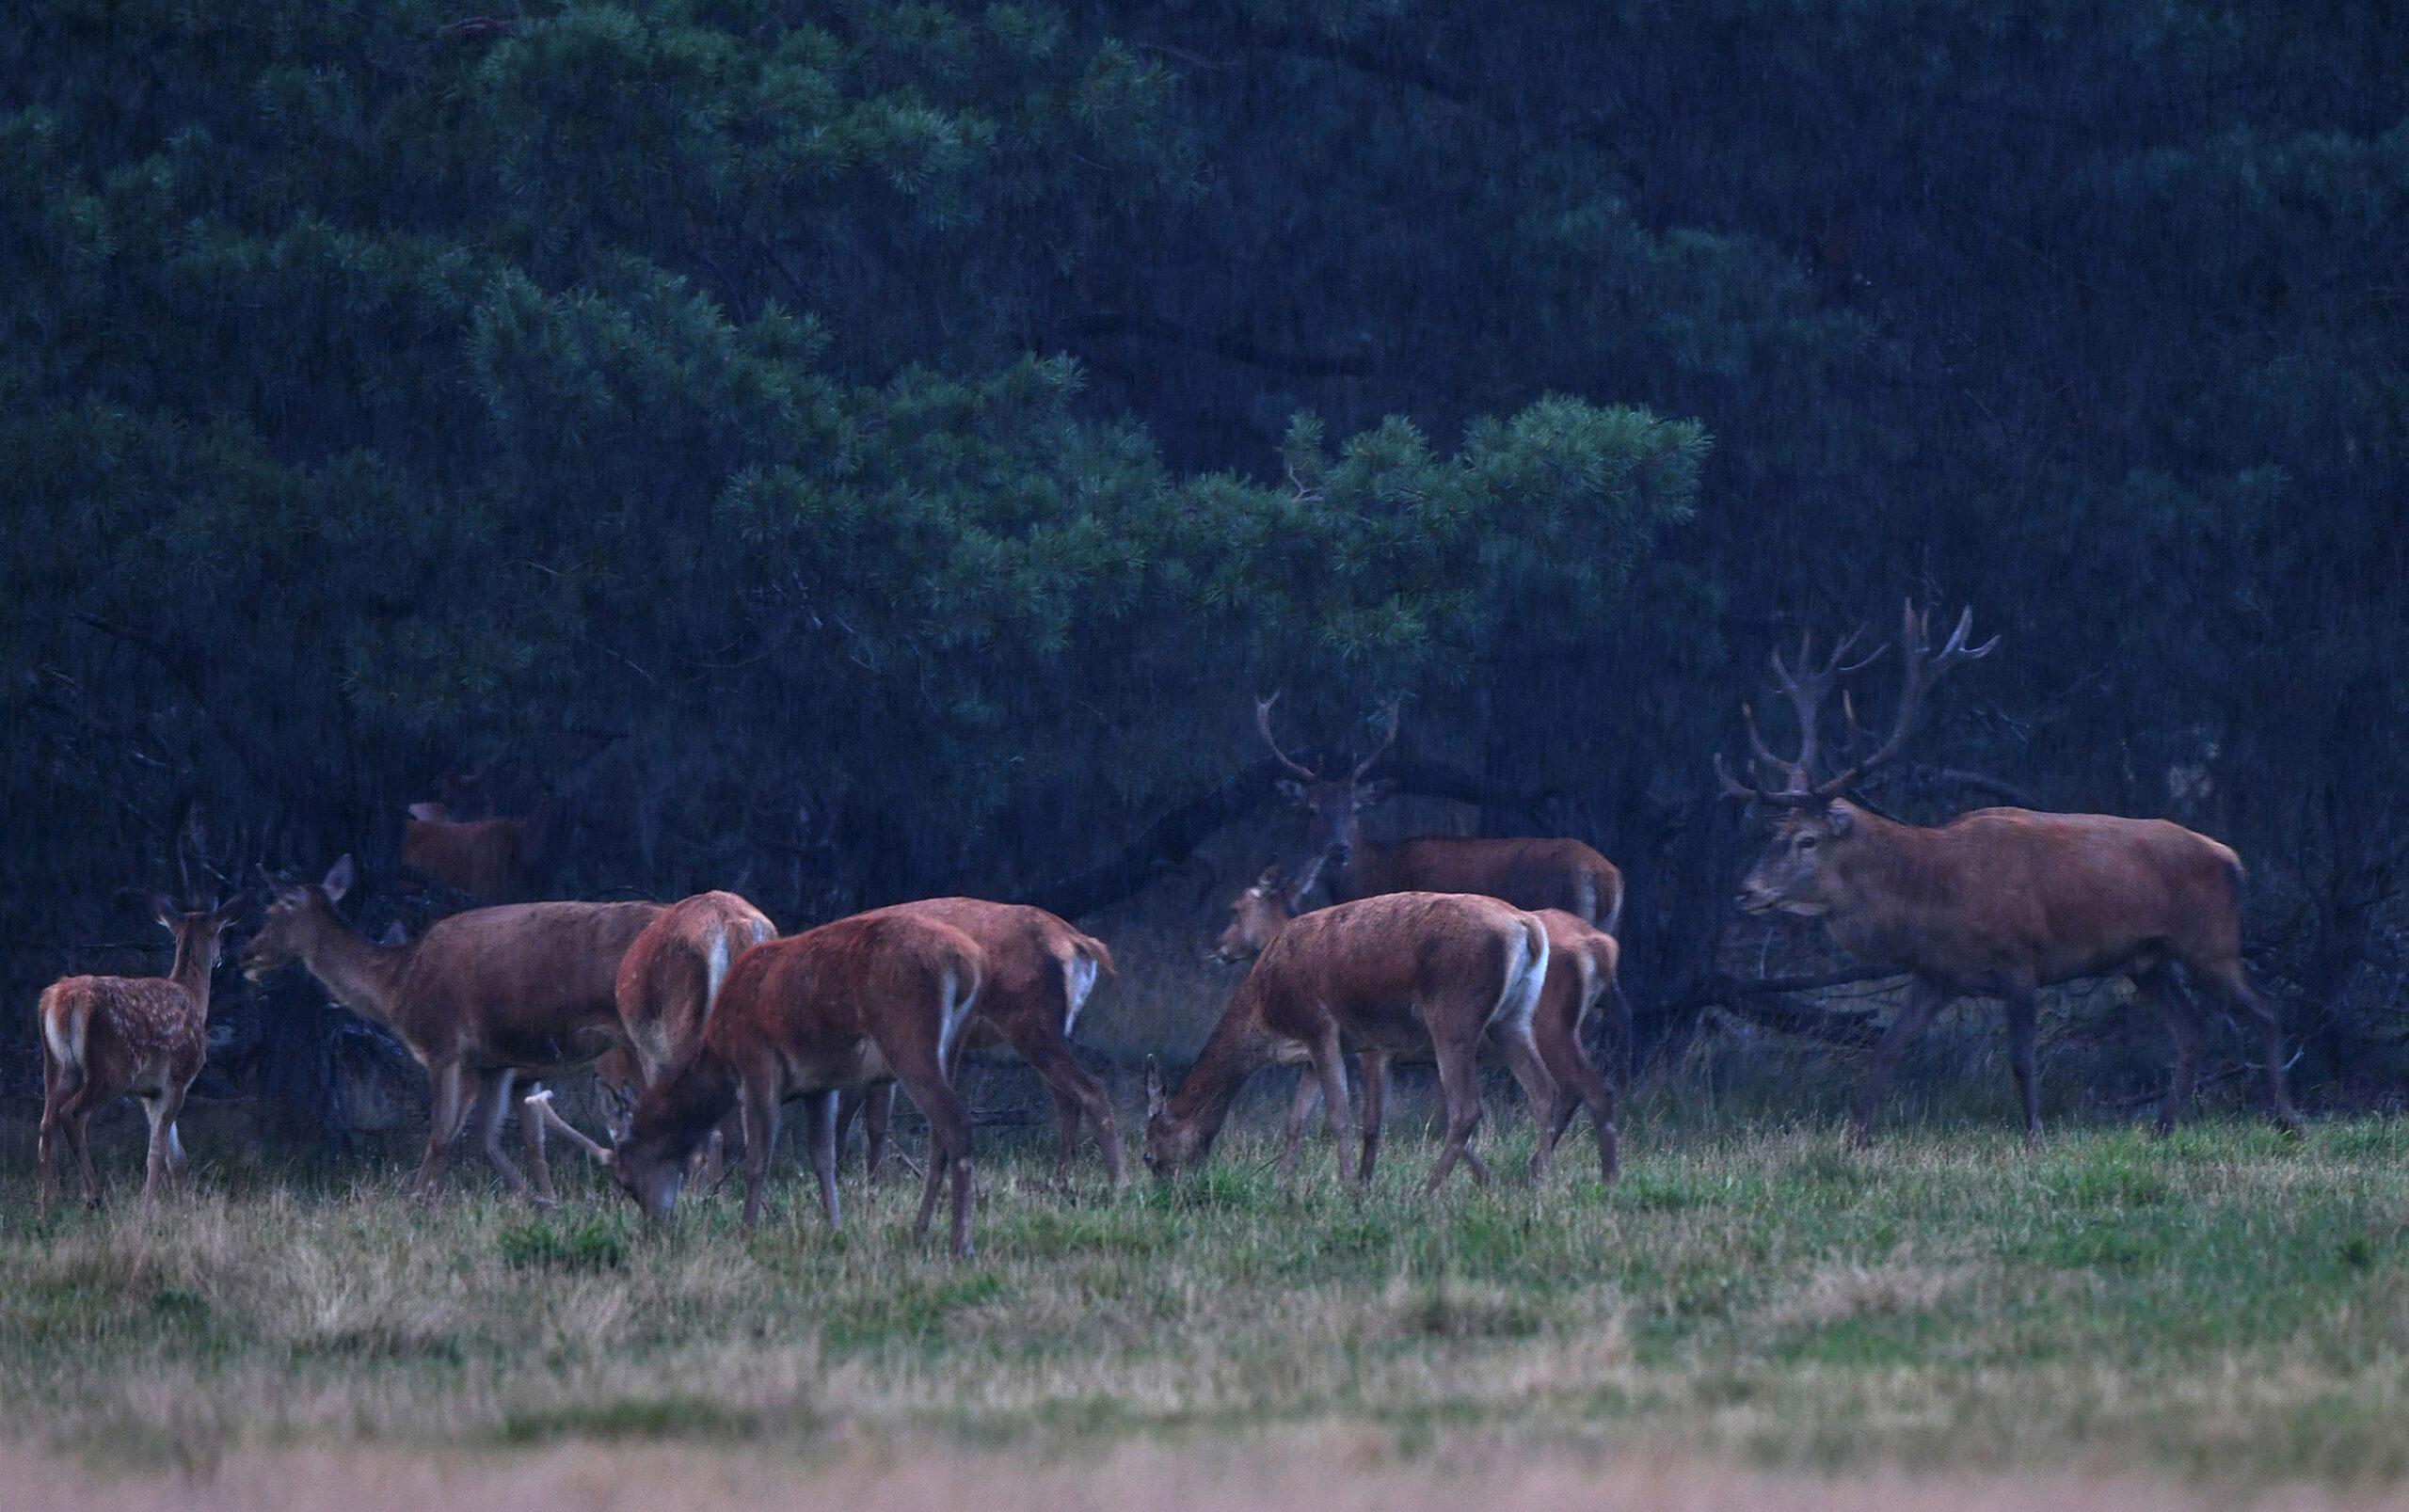 Als het dan begint te regenen trekt het bronstroedel de bossen in - Foto: ©Louis Fraanje